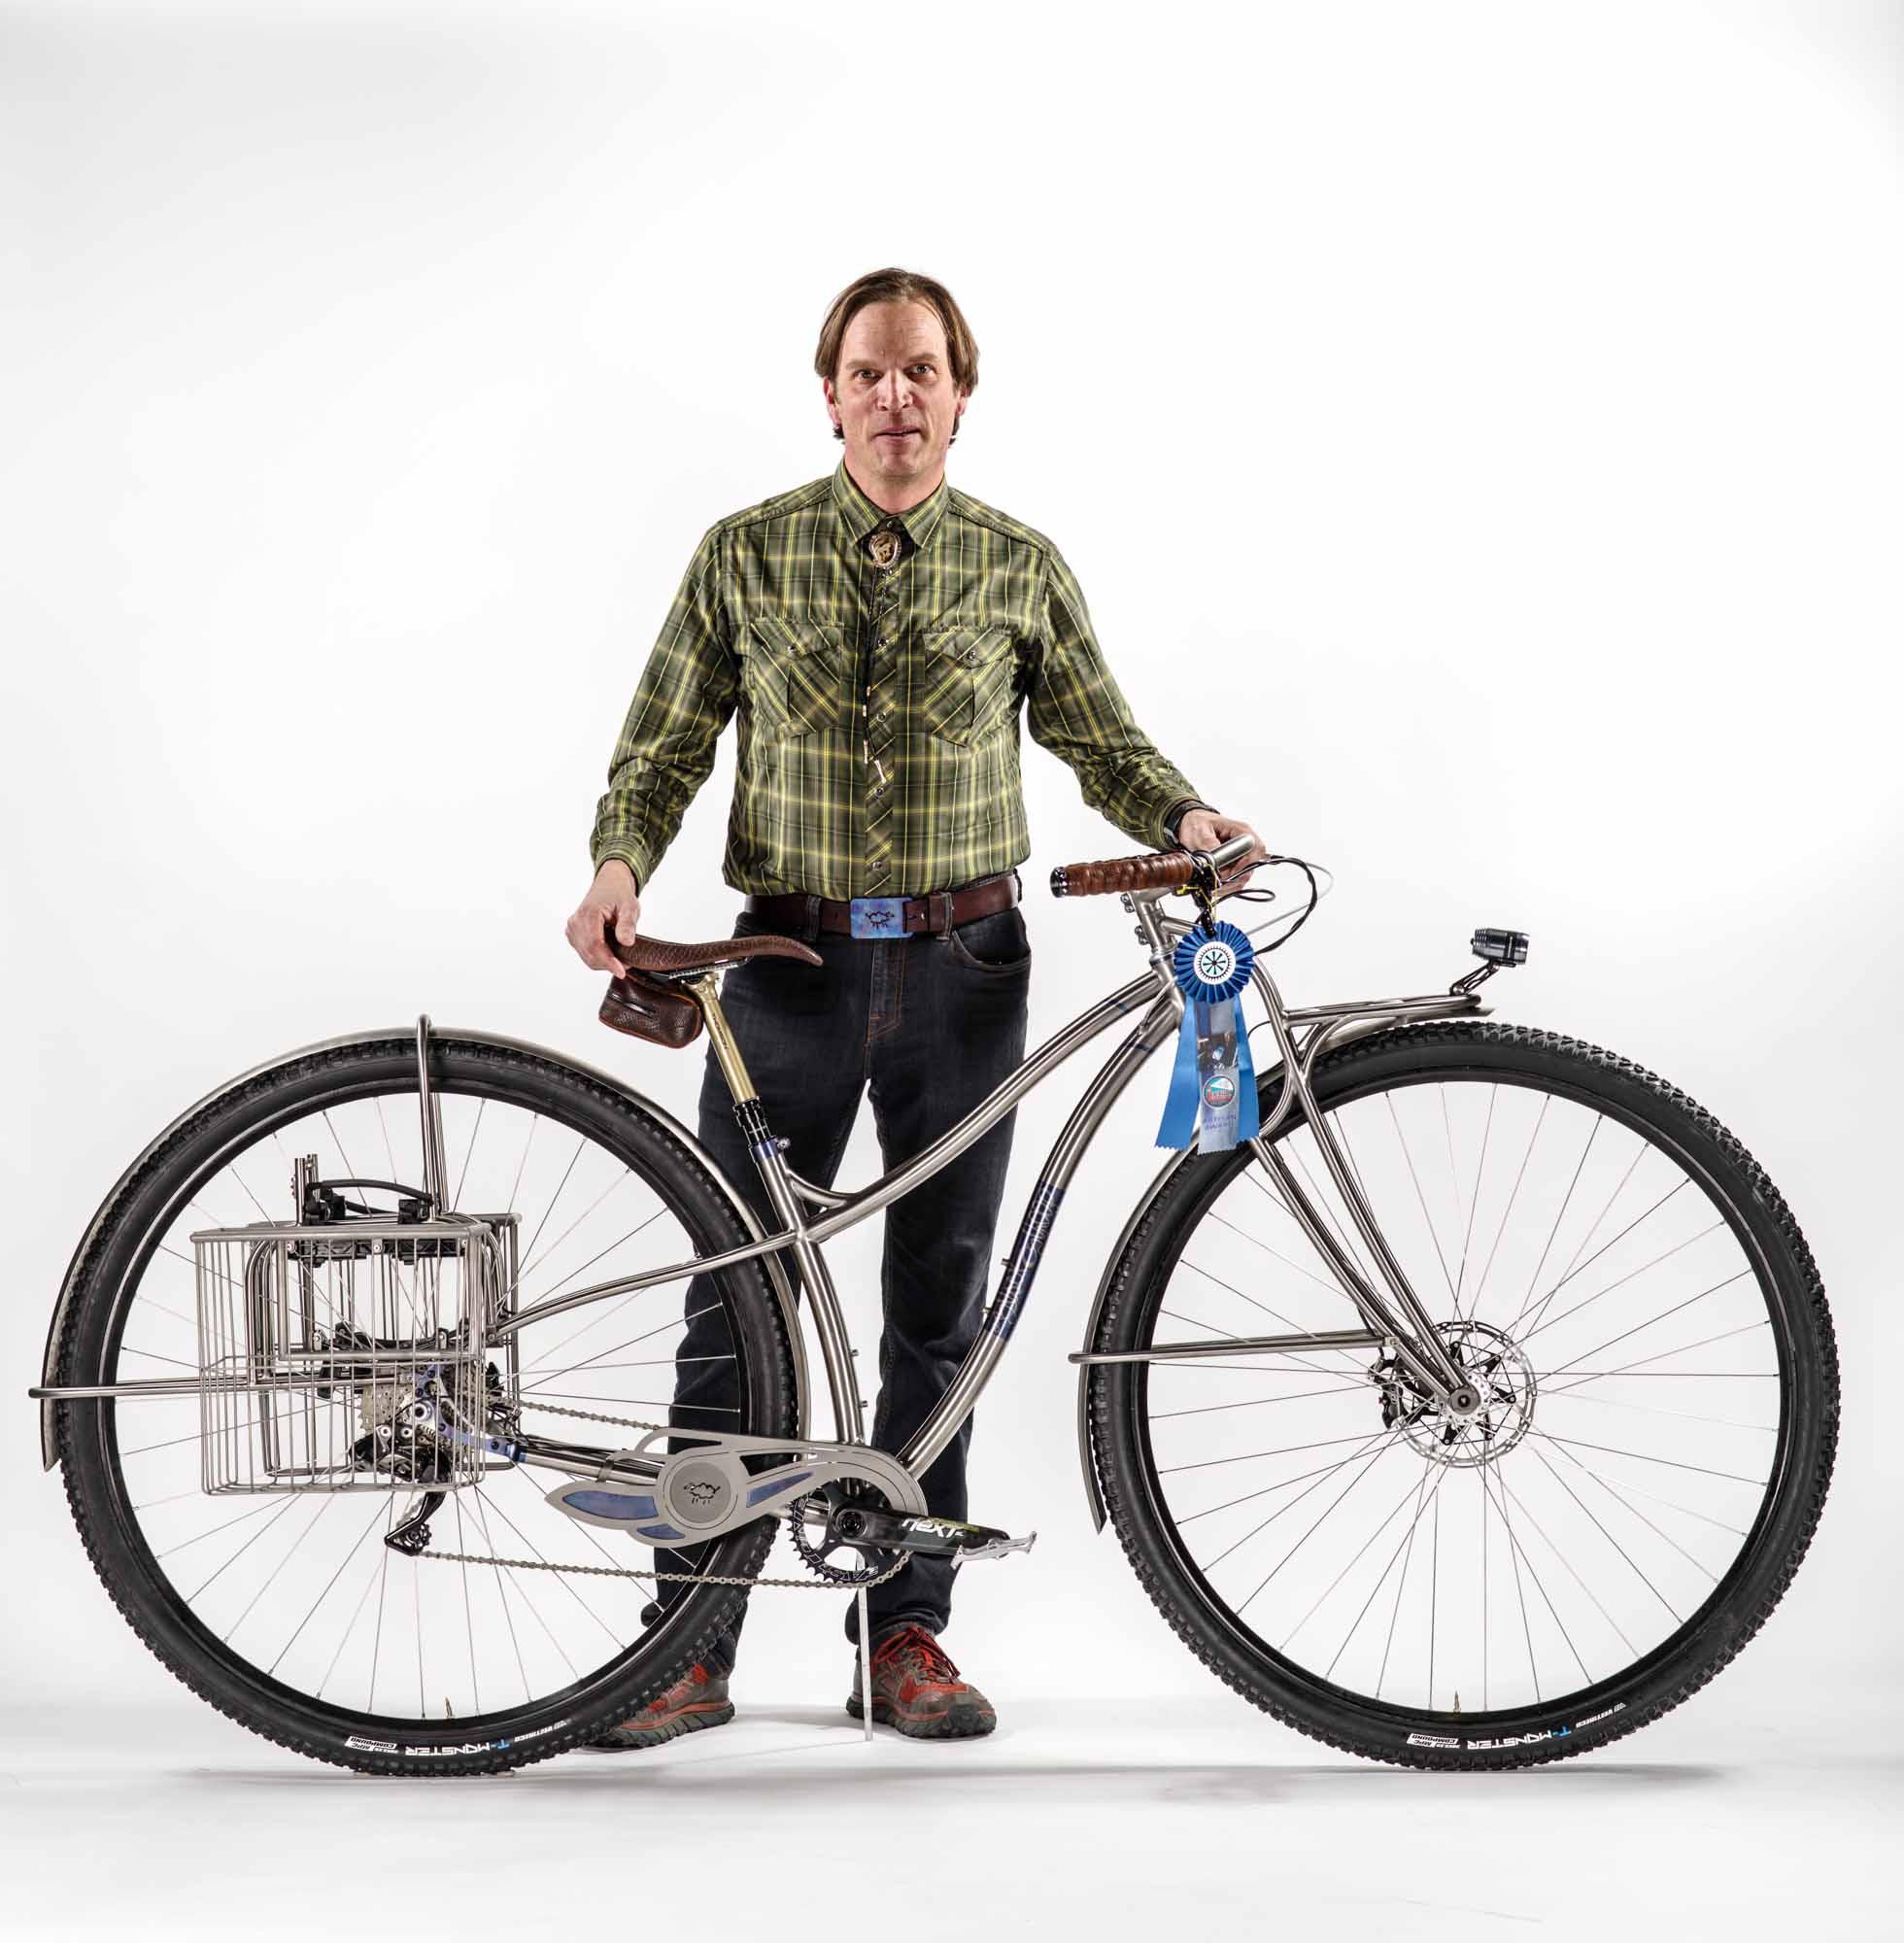 95428f642 Best Artisan Bike. NAHBS 2018 Winner Black Sheep